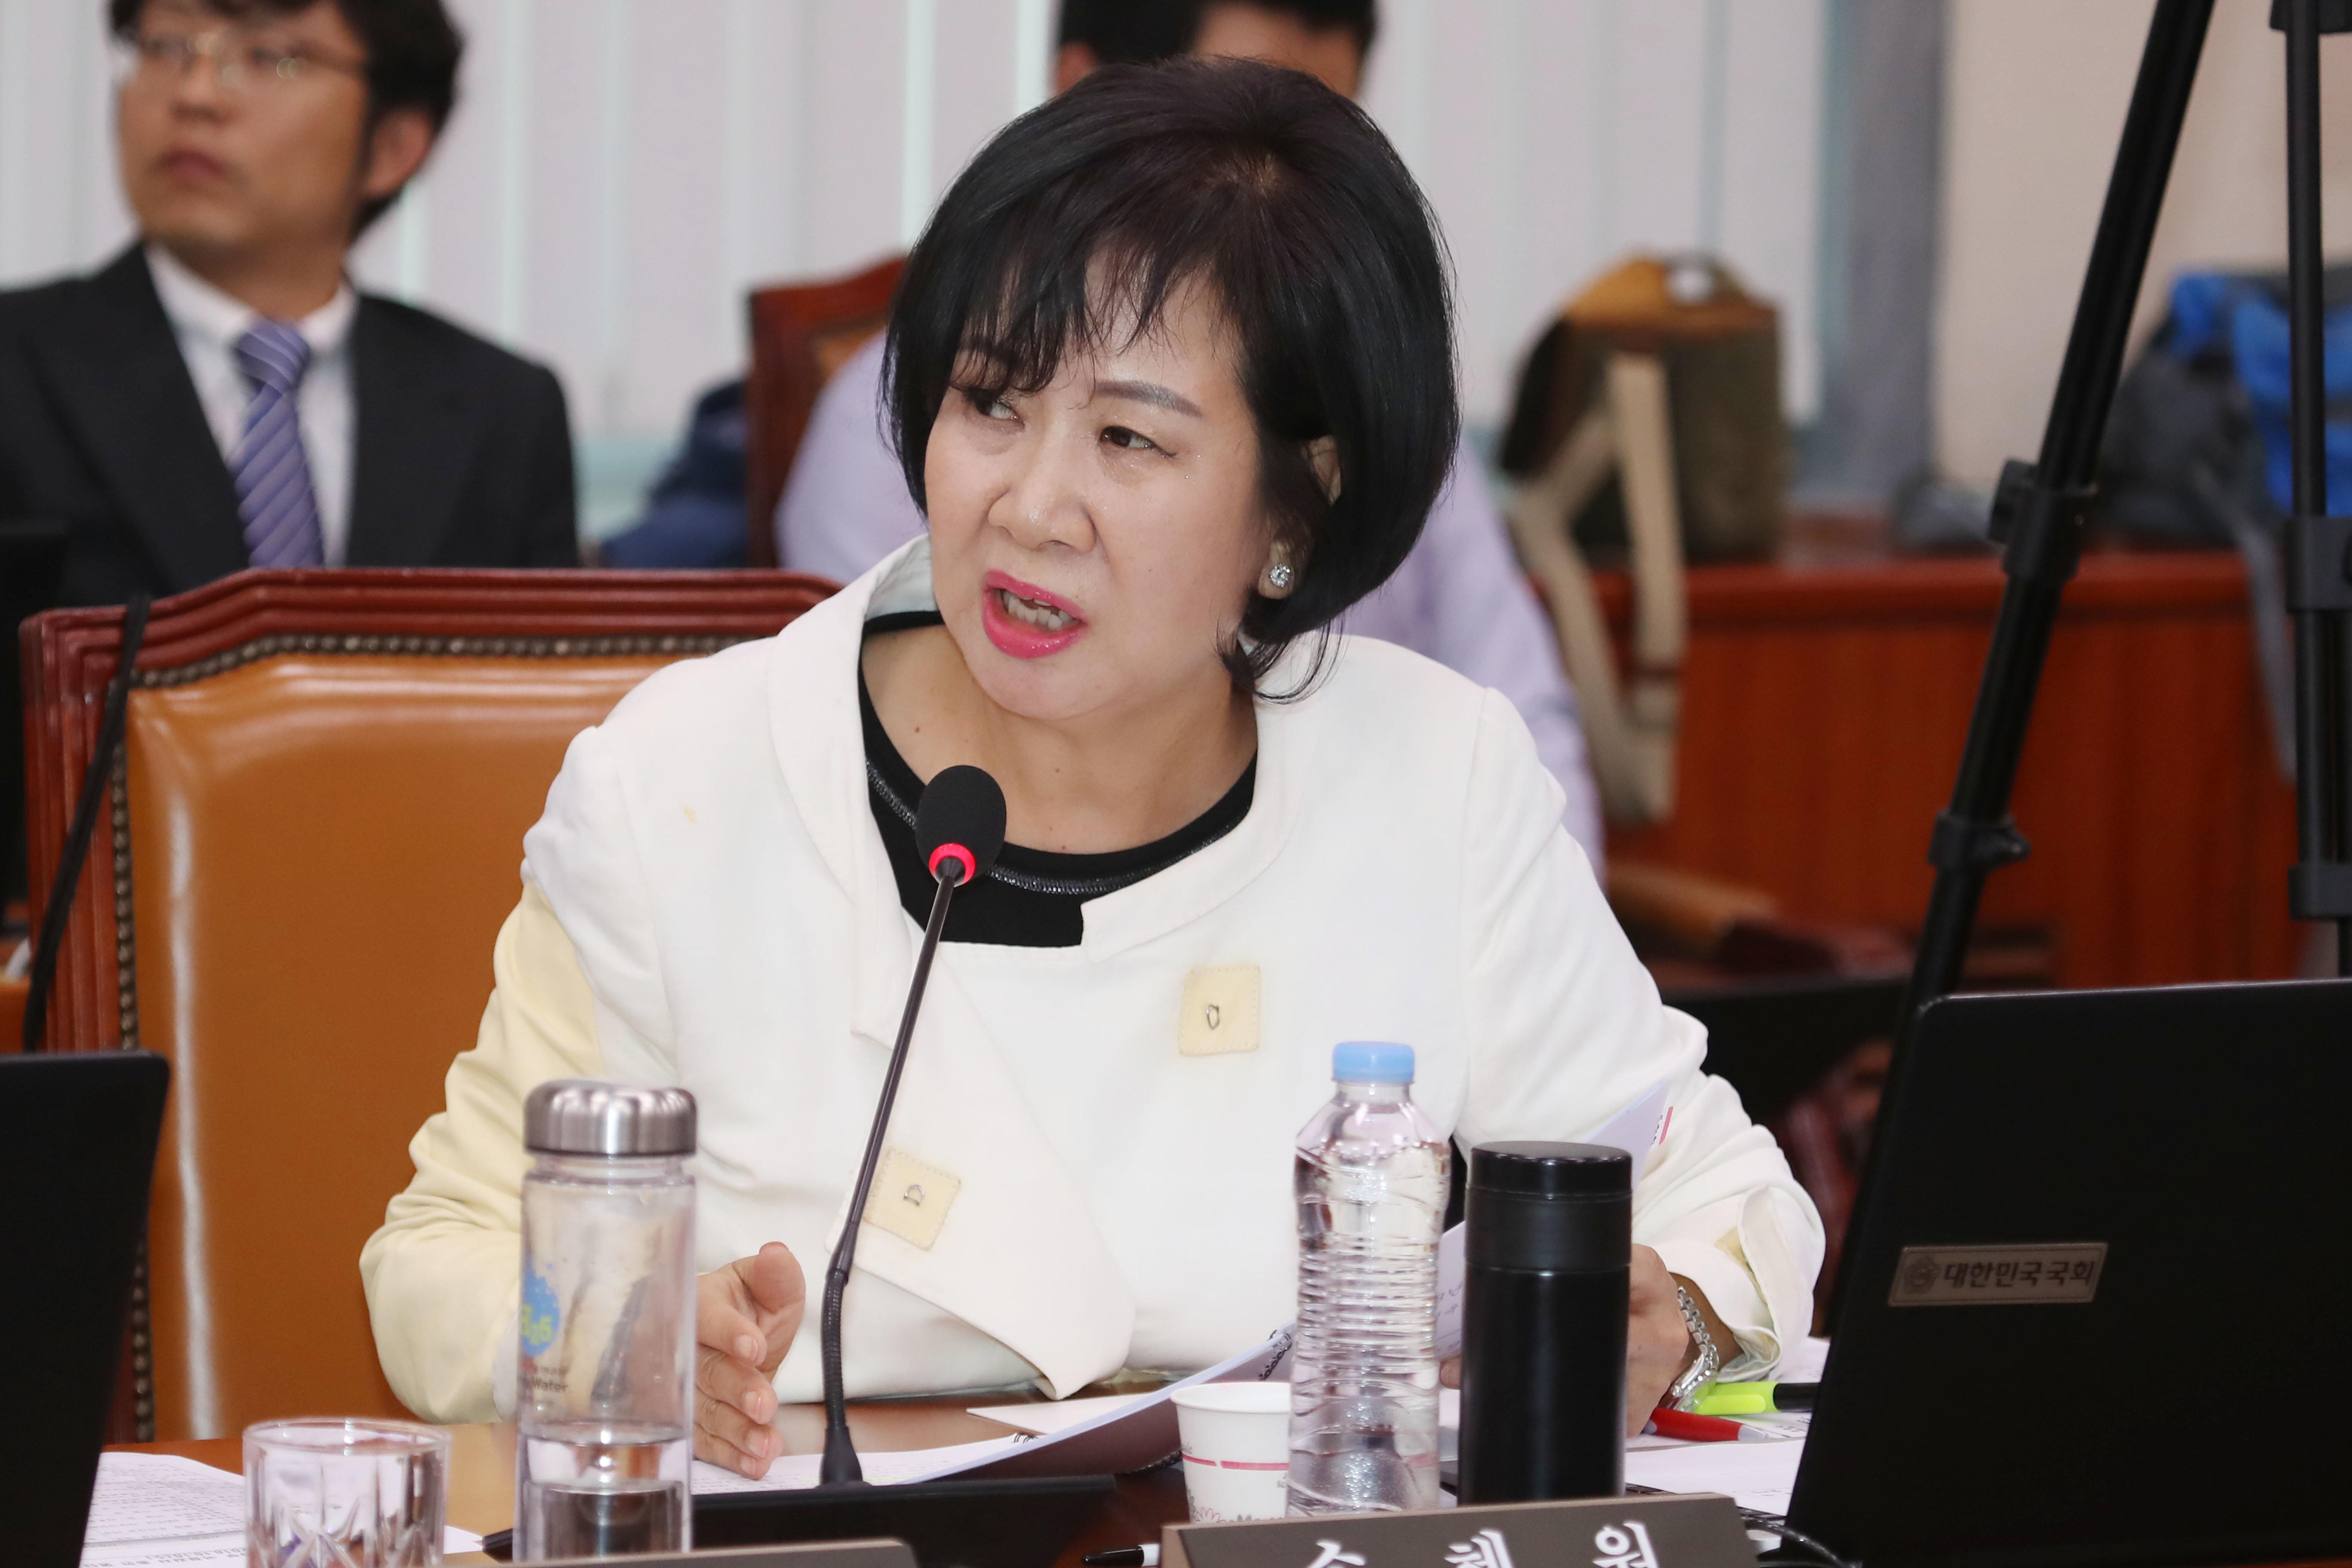 손혜원 의원이 '미공개 문화재 지정 정보' 활용했다는 보도가